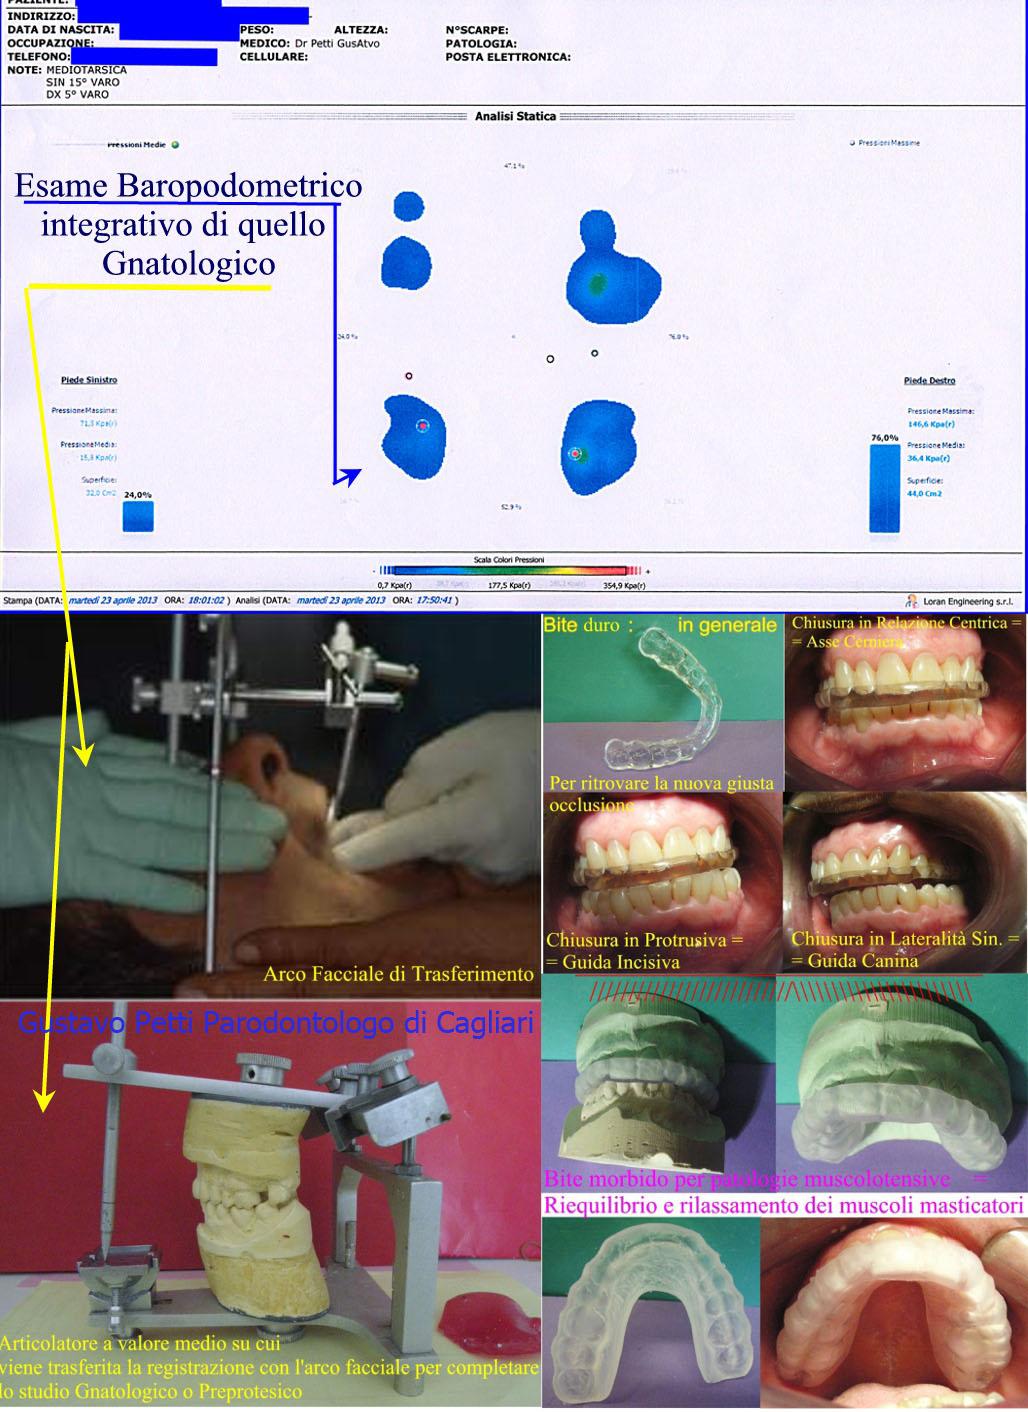 gnatologia-dr-g.petti-cagliari-106.jpg